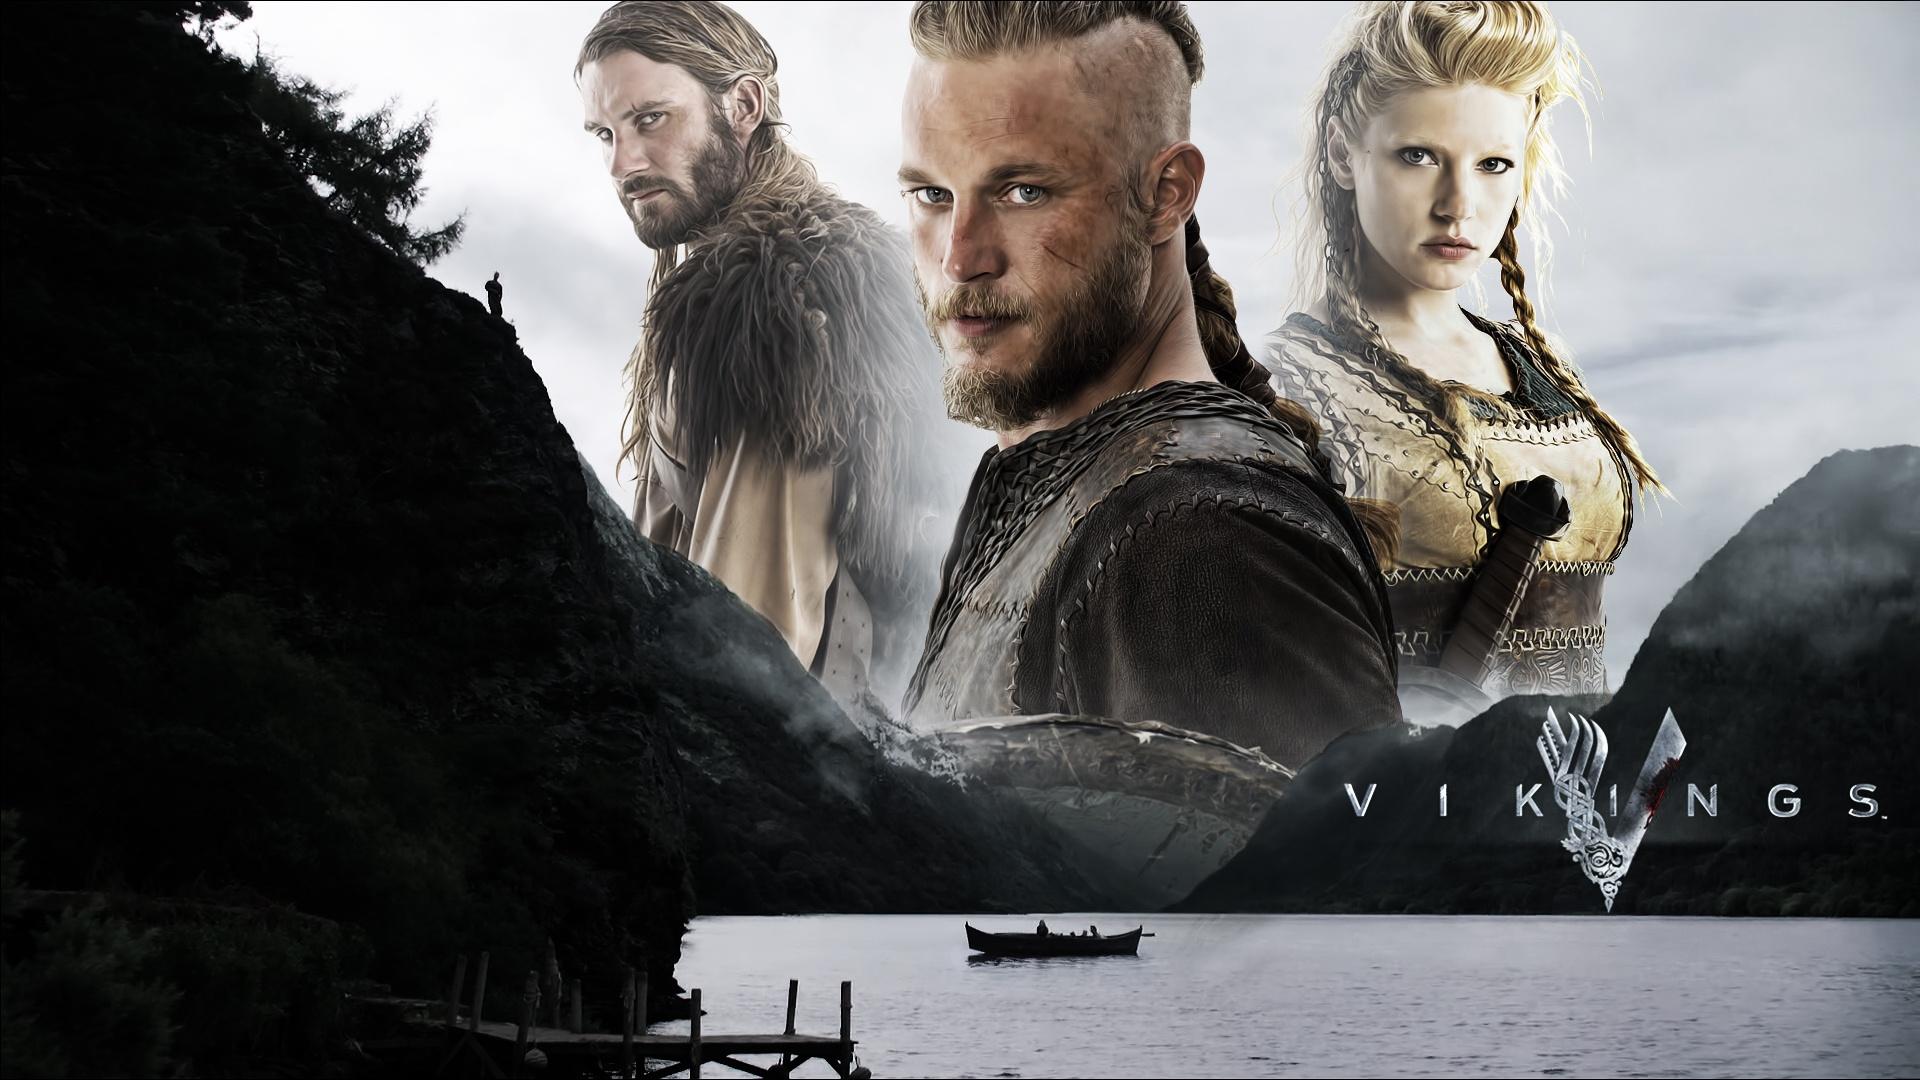 Vikings wallpaper 4